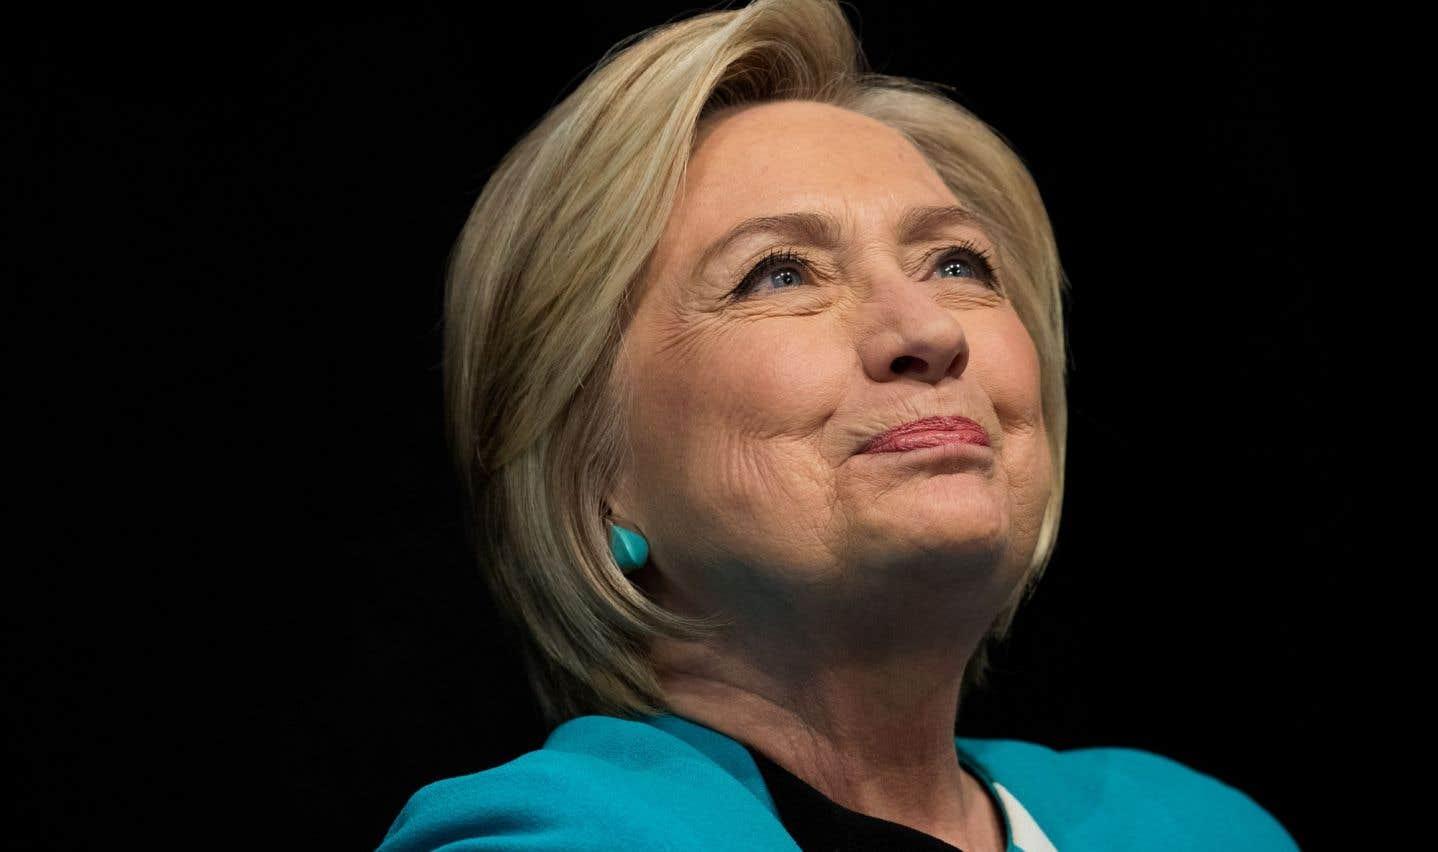 Hillary Clinton n'écarte pas la possibilité de contester les résultats de l'élection